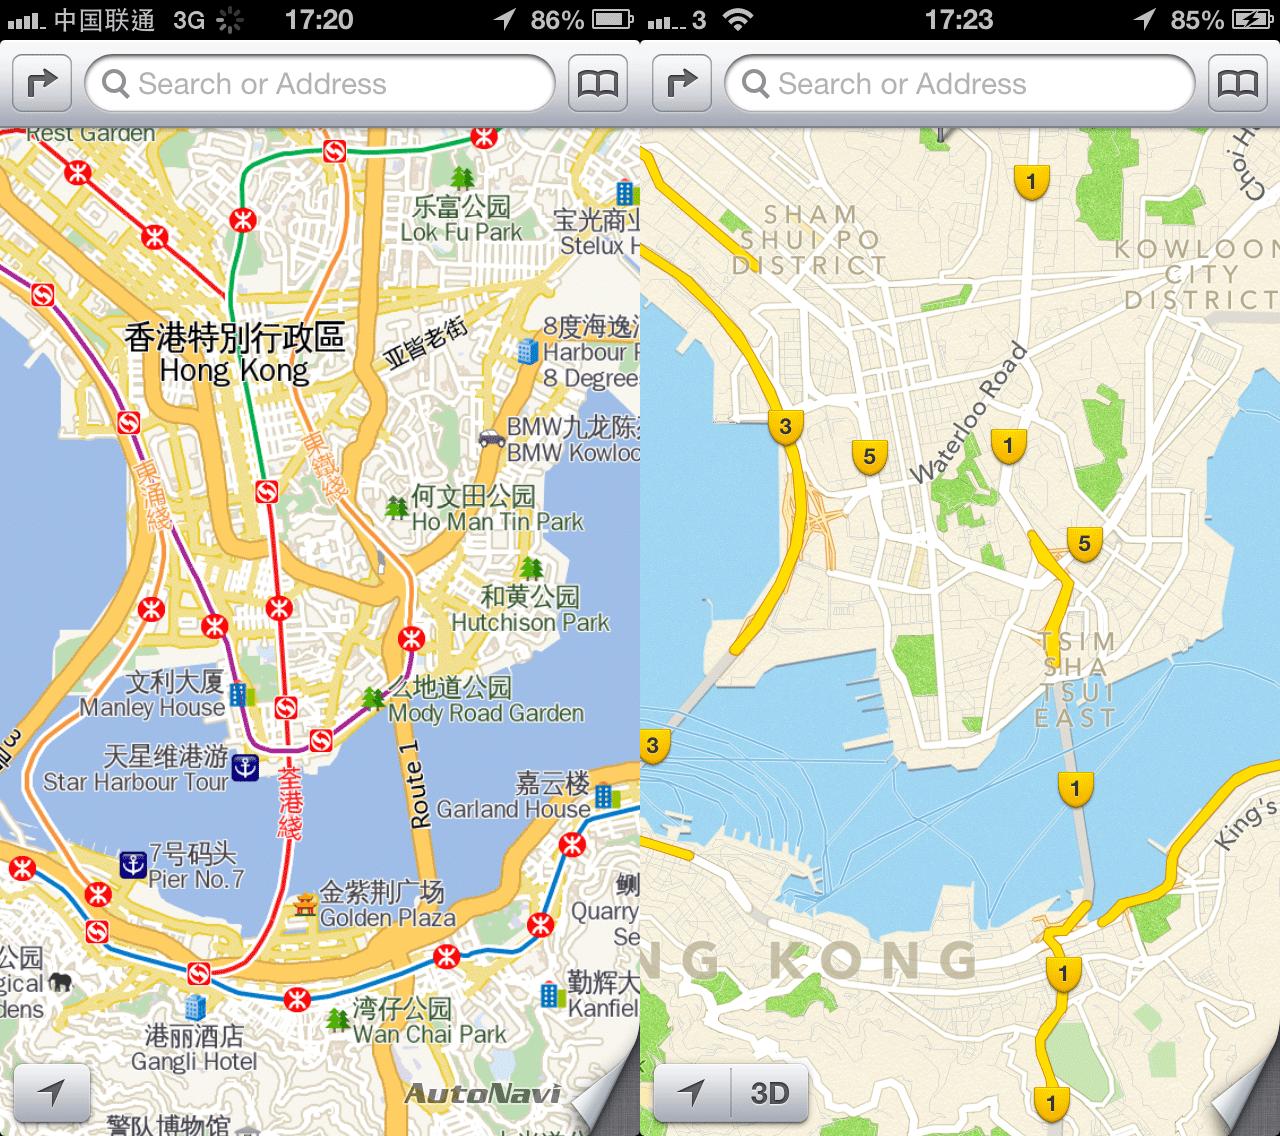 HKG Airport - Hong Kong Airport ( Lantau, Hong Kong , China )